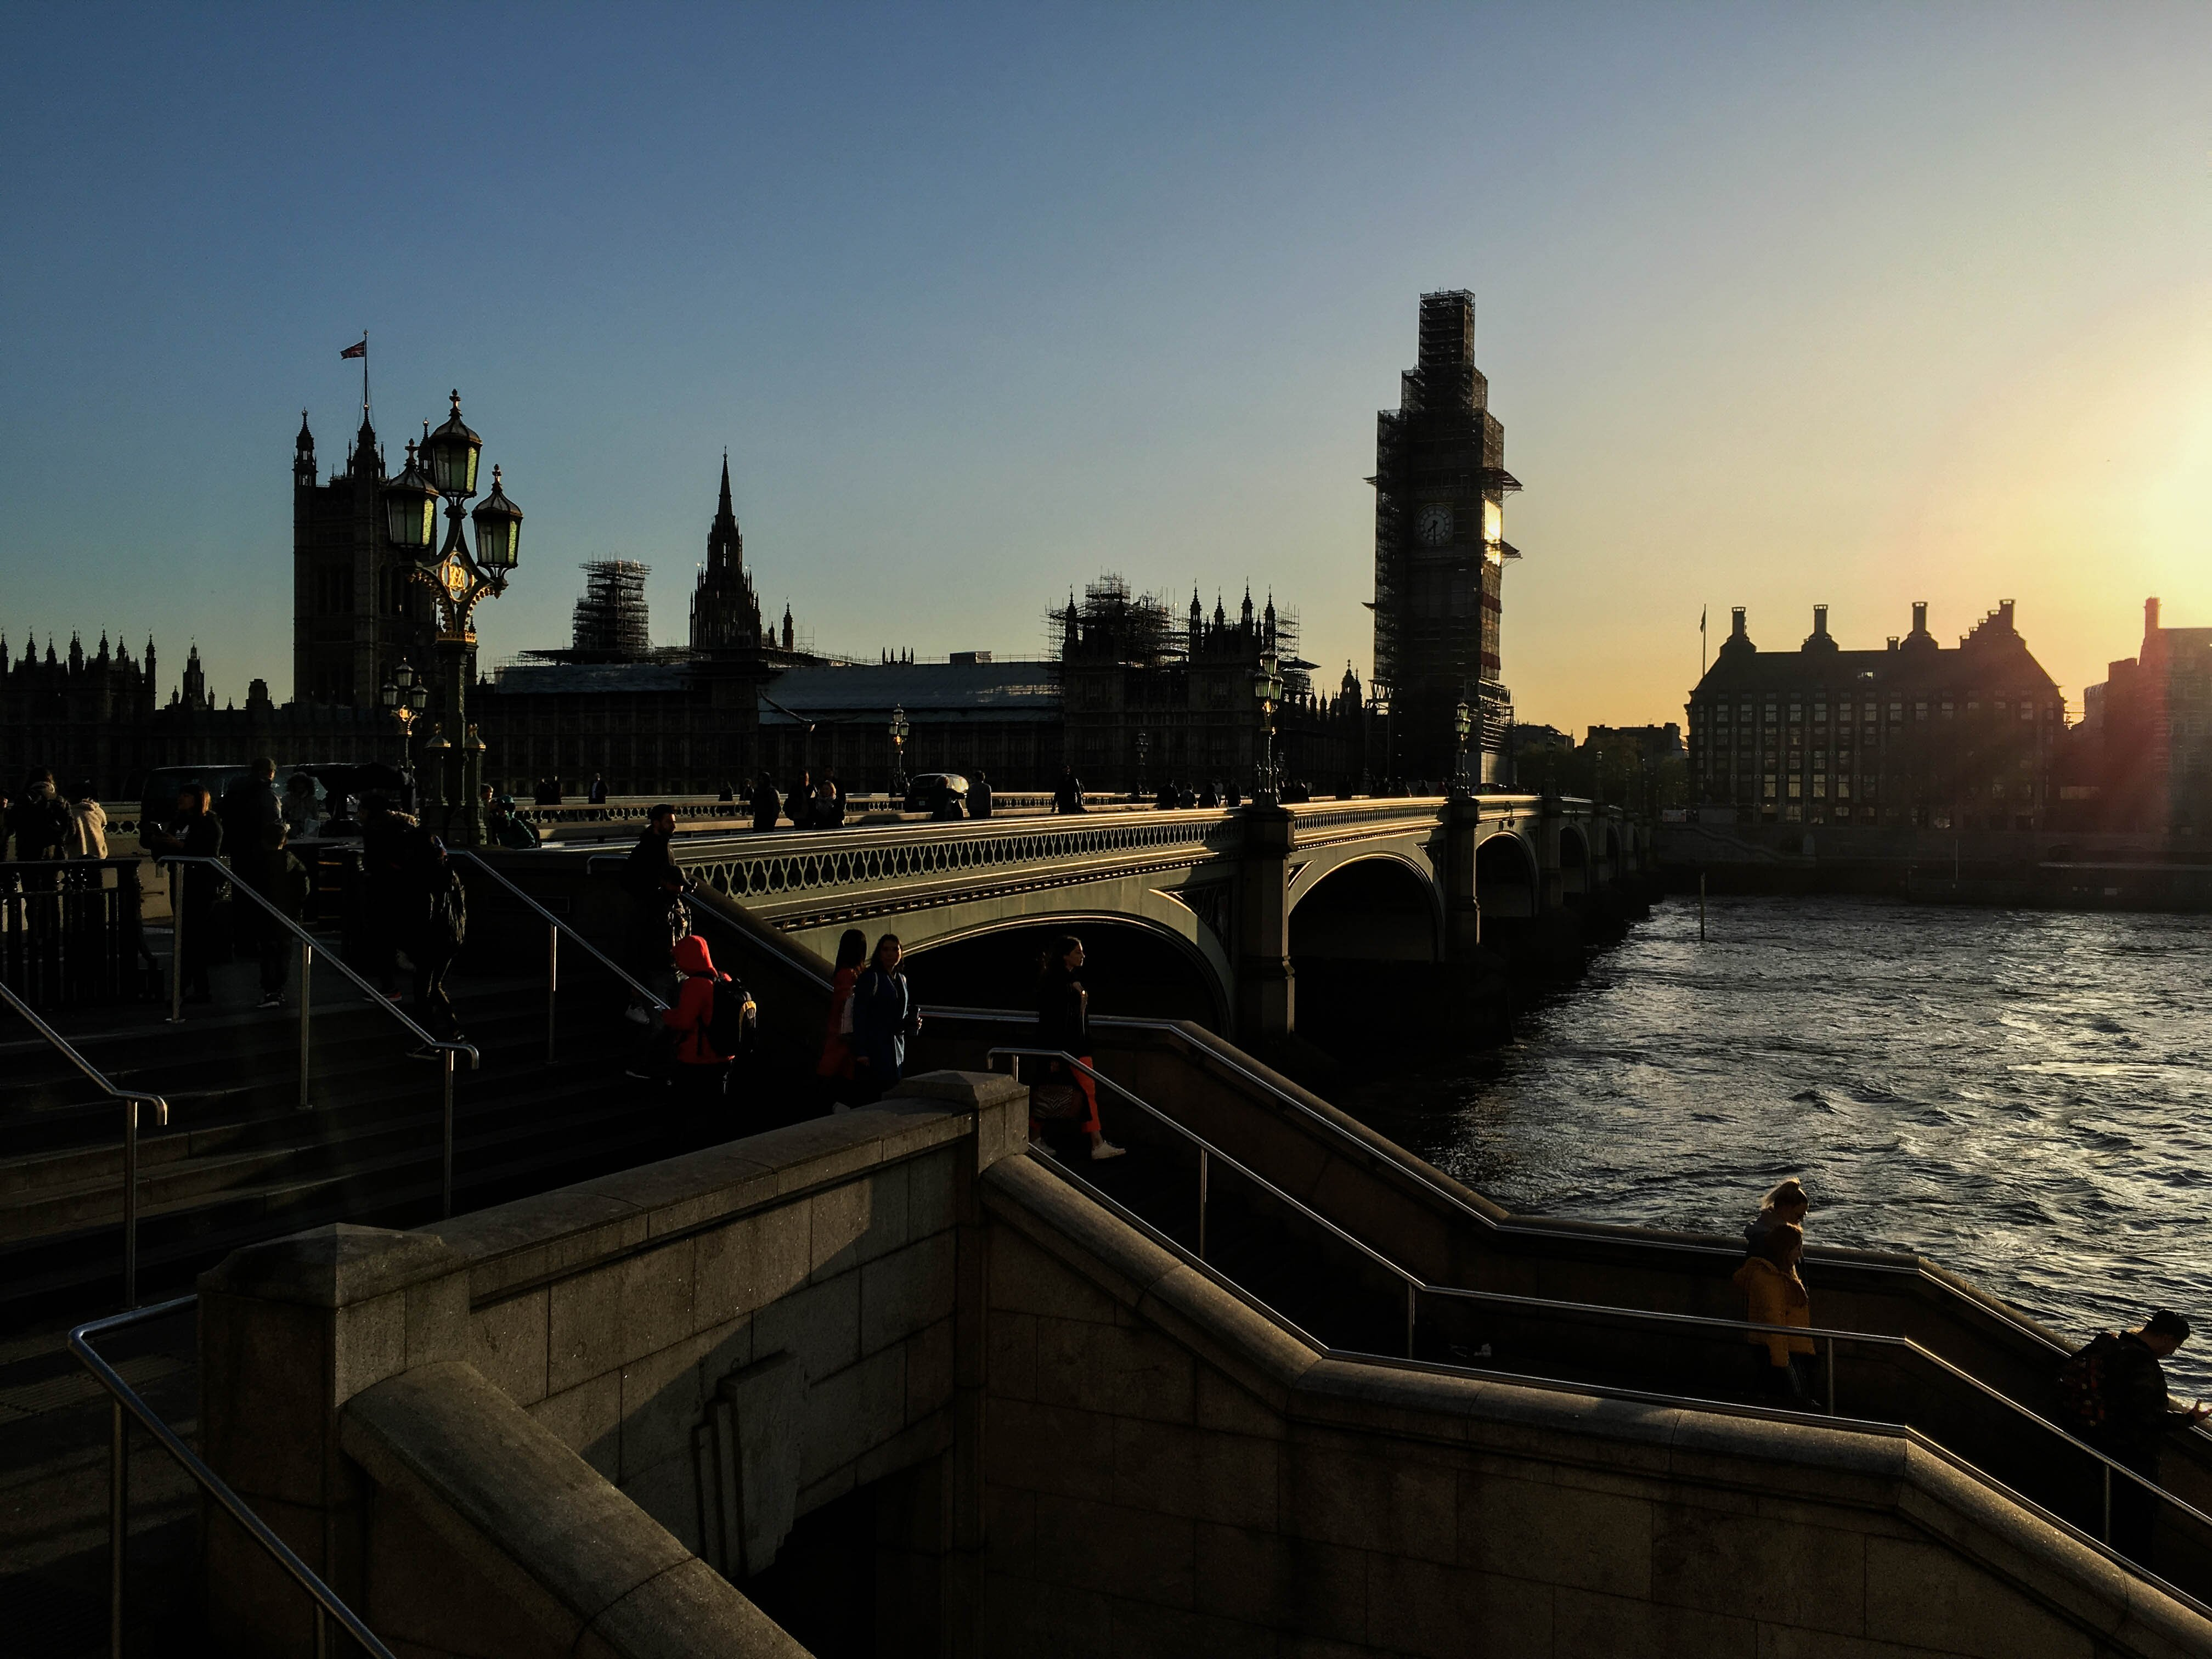 Londyn, Subiektywny przewodnik po Londynie, Gmale Goes To London, Bloger modowy w Londynie, Jak się ubrać do Londynu, Moda męska, Most Westminsterki